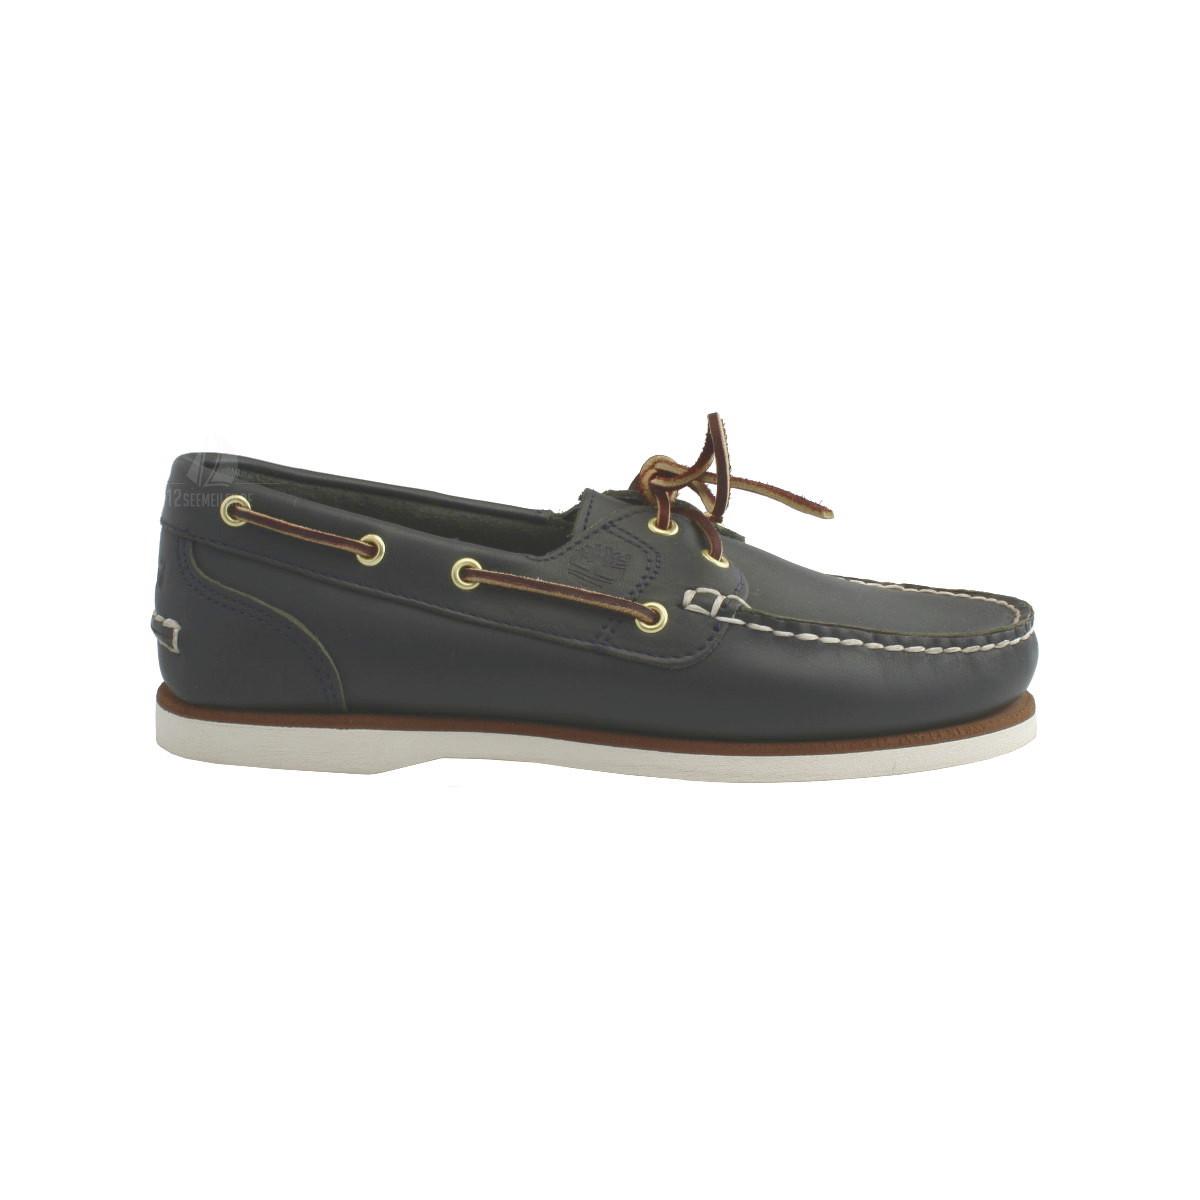 Timberland »Classic Boat Eye« Bootsschuh, Klassischer Bootsschuh von Timberland online kaufen | OTTO